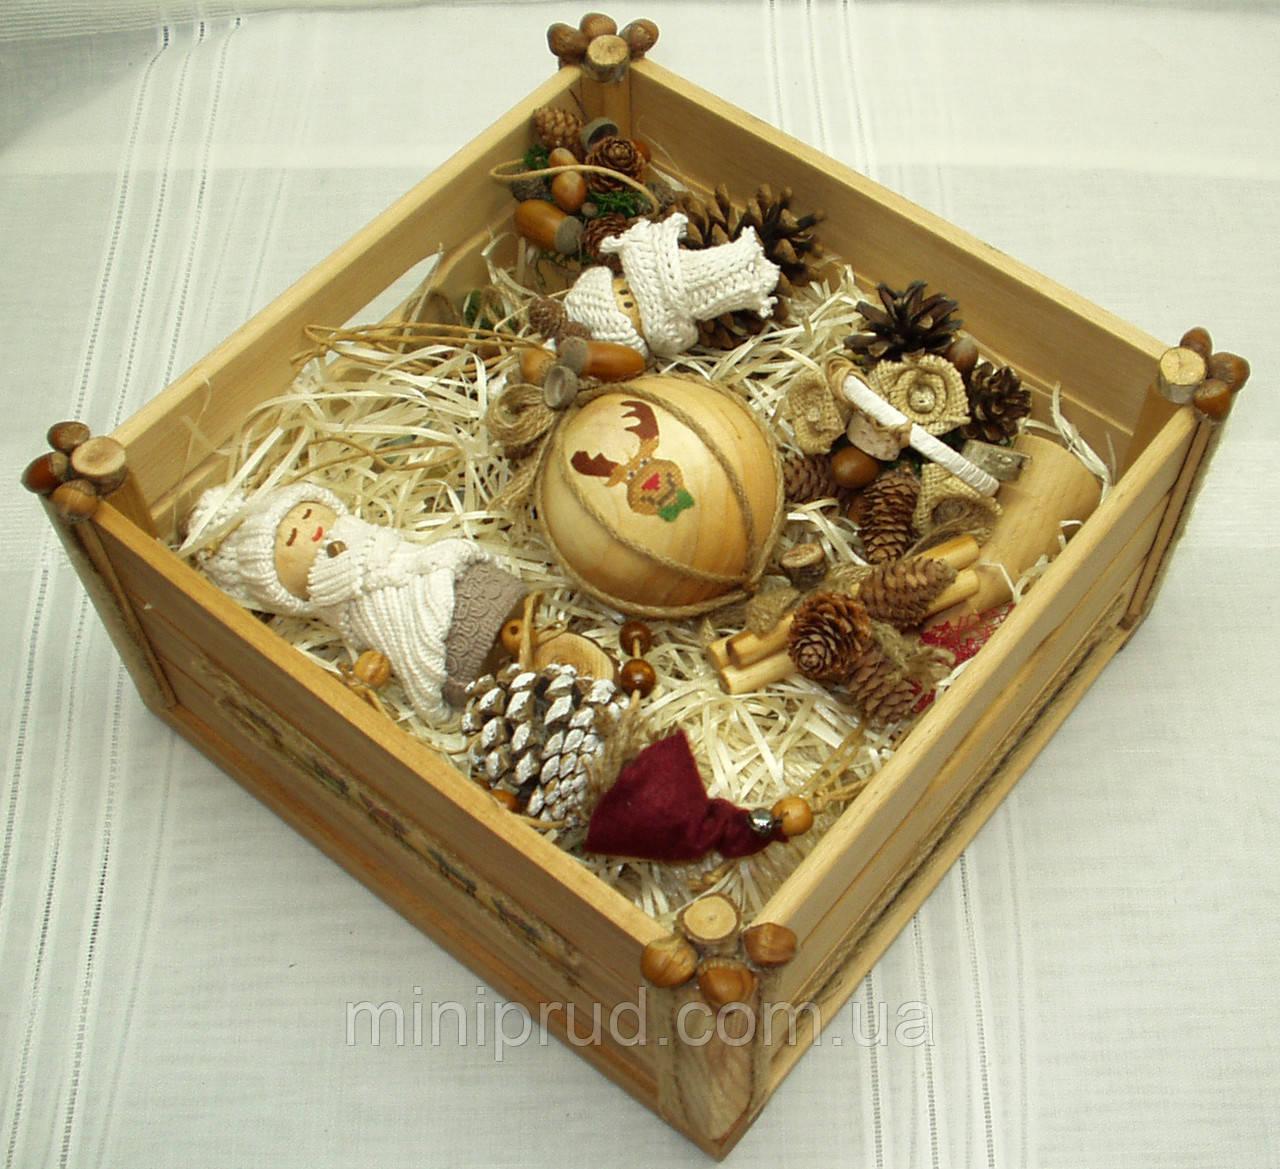 Новогодний набор (15 игрушек + ящик) в Экостиле и стиле Винтаж